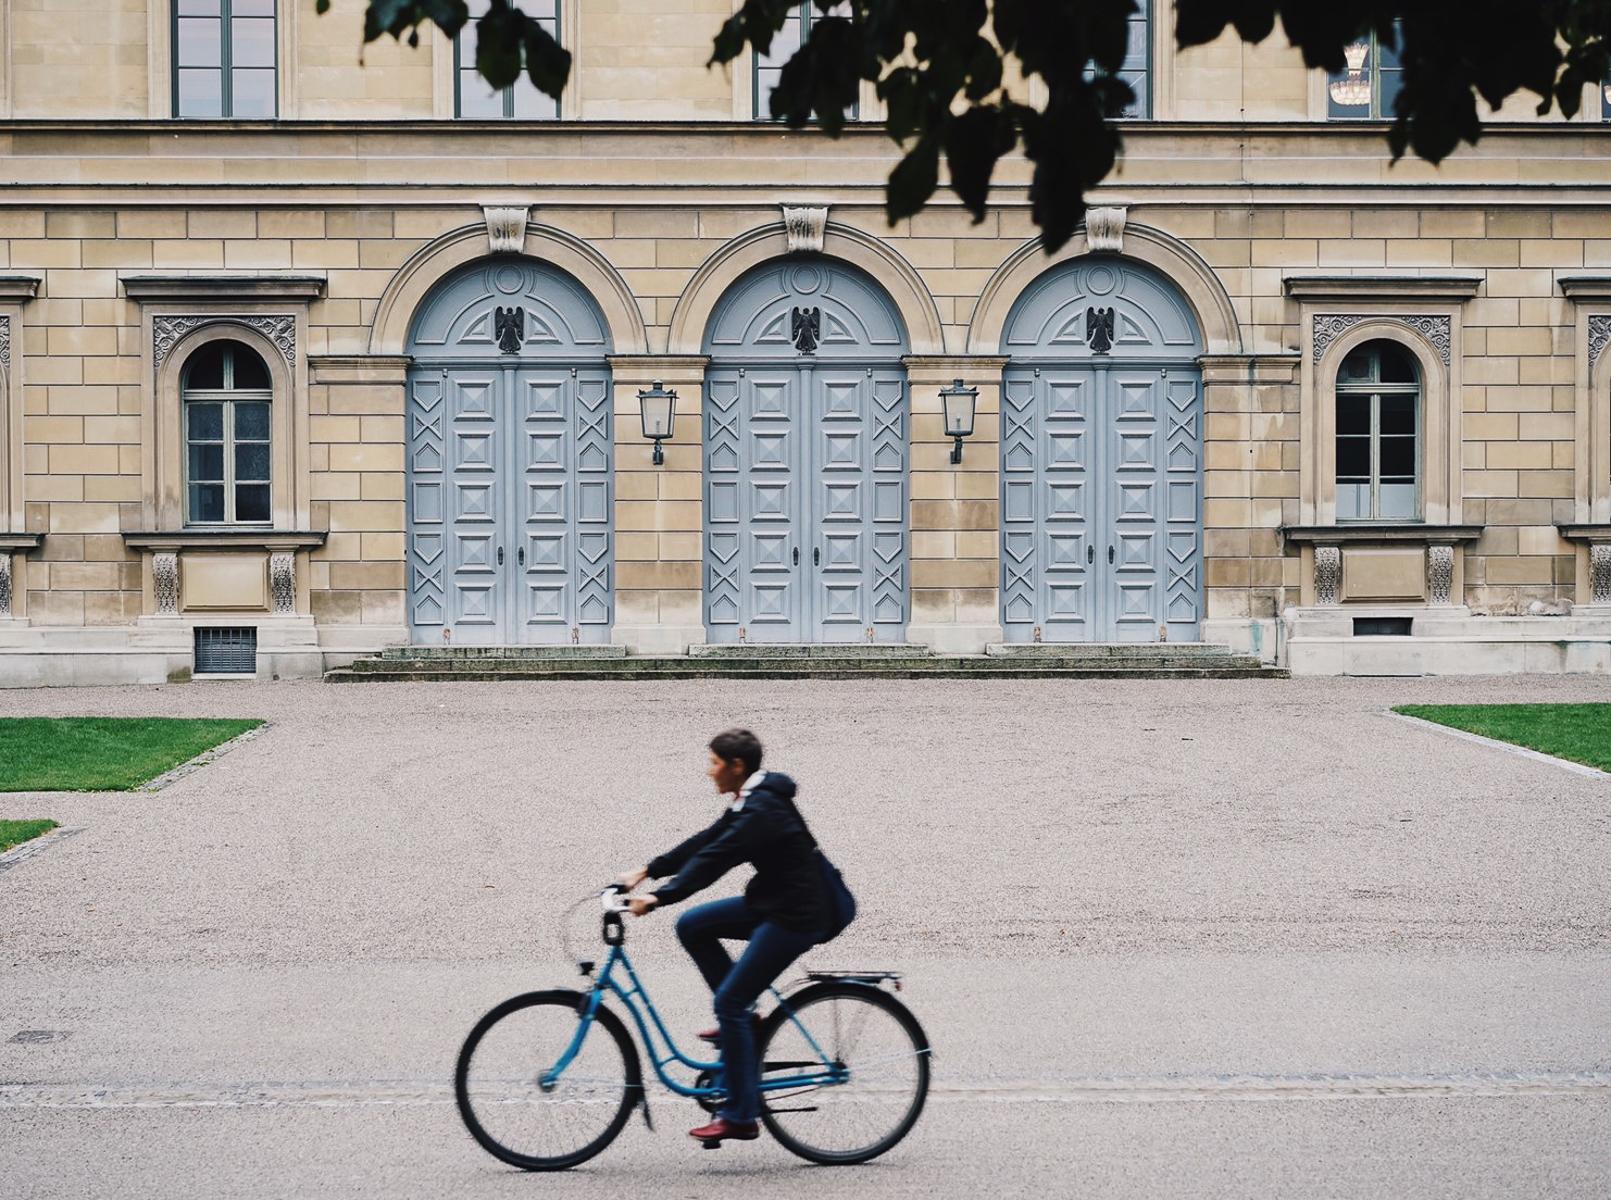 上圖:2019 AUG 慕尼黑攝影工作坊學員游琇羽拍攝作品